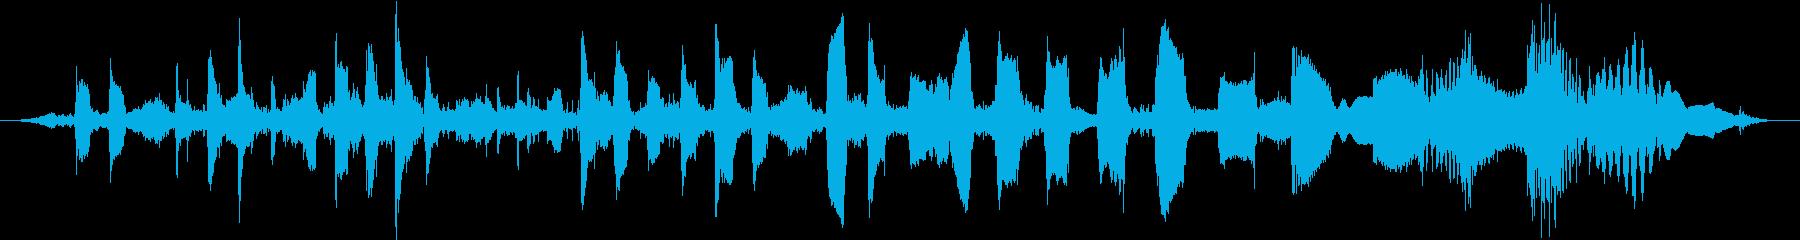 通信信号シンセビープパルススイープ...の再生済みの波形